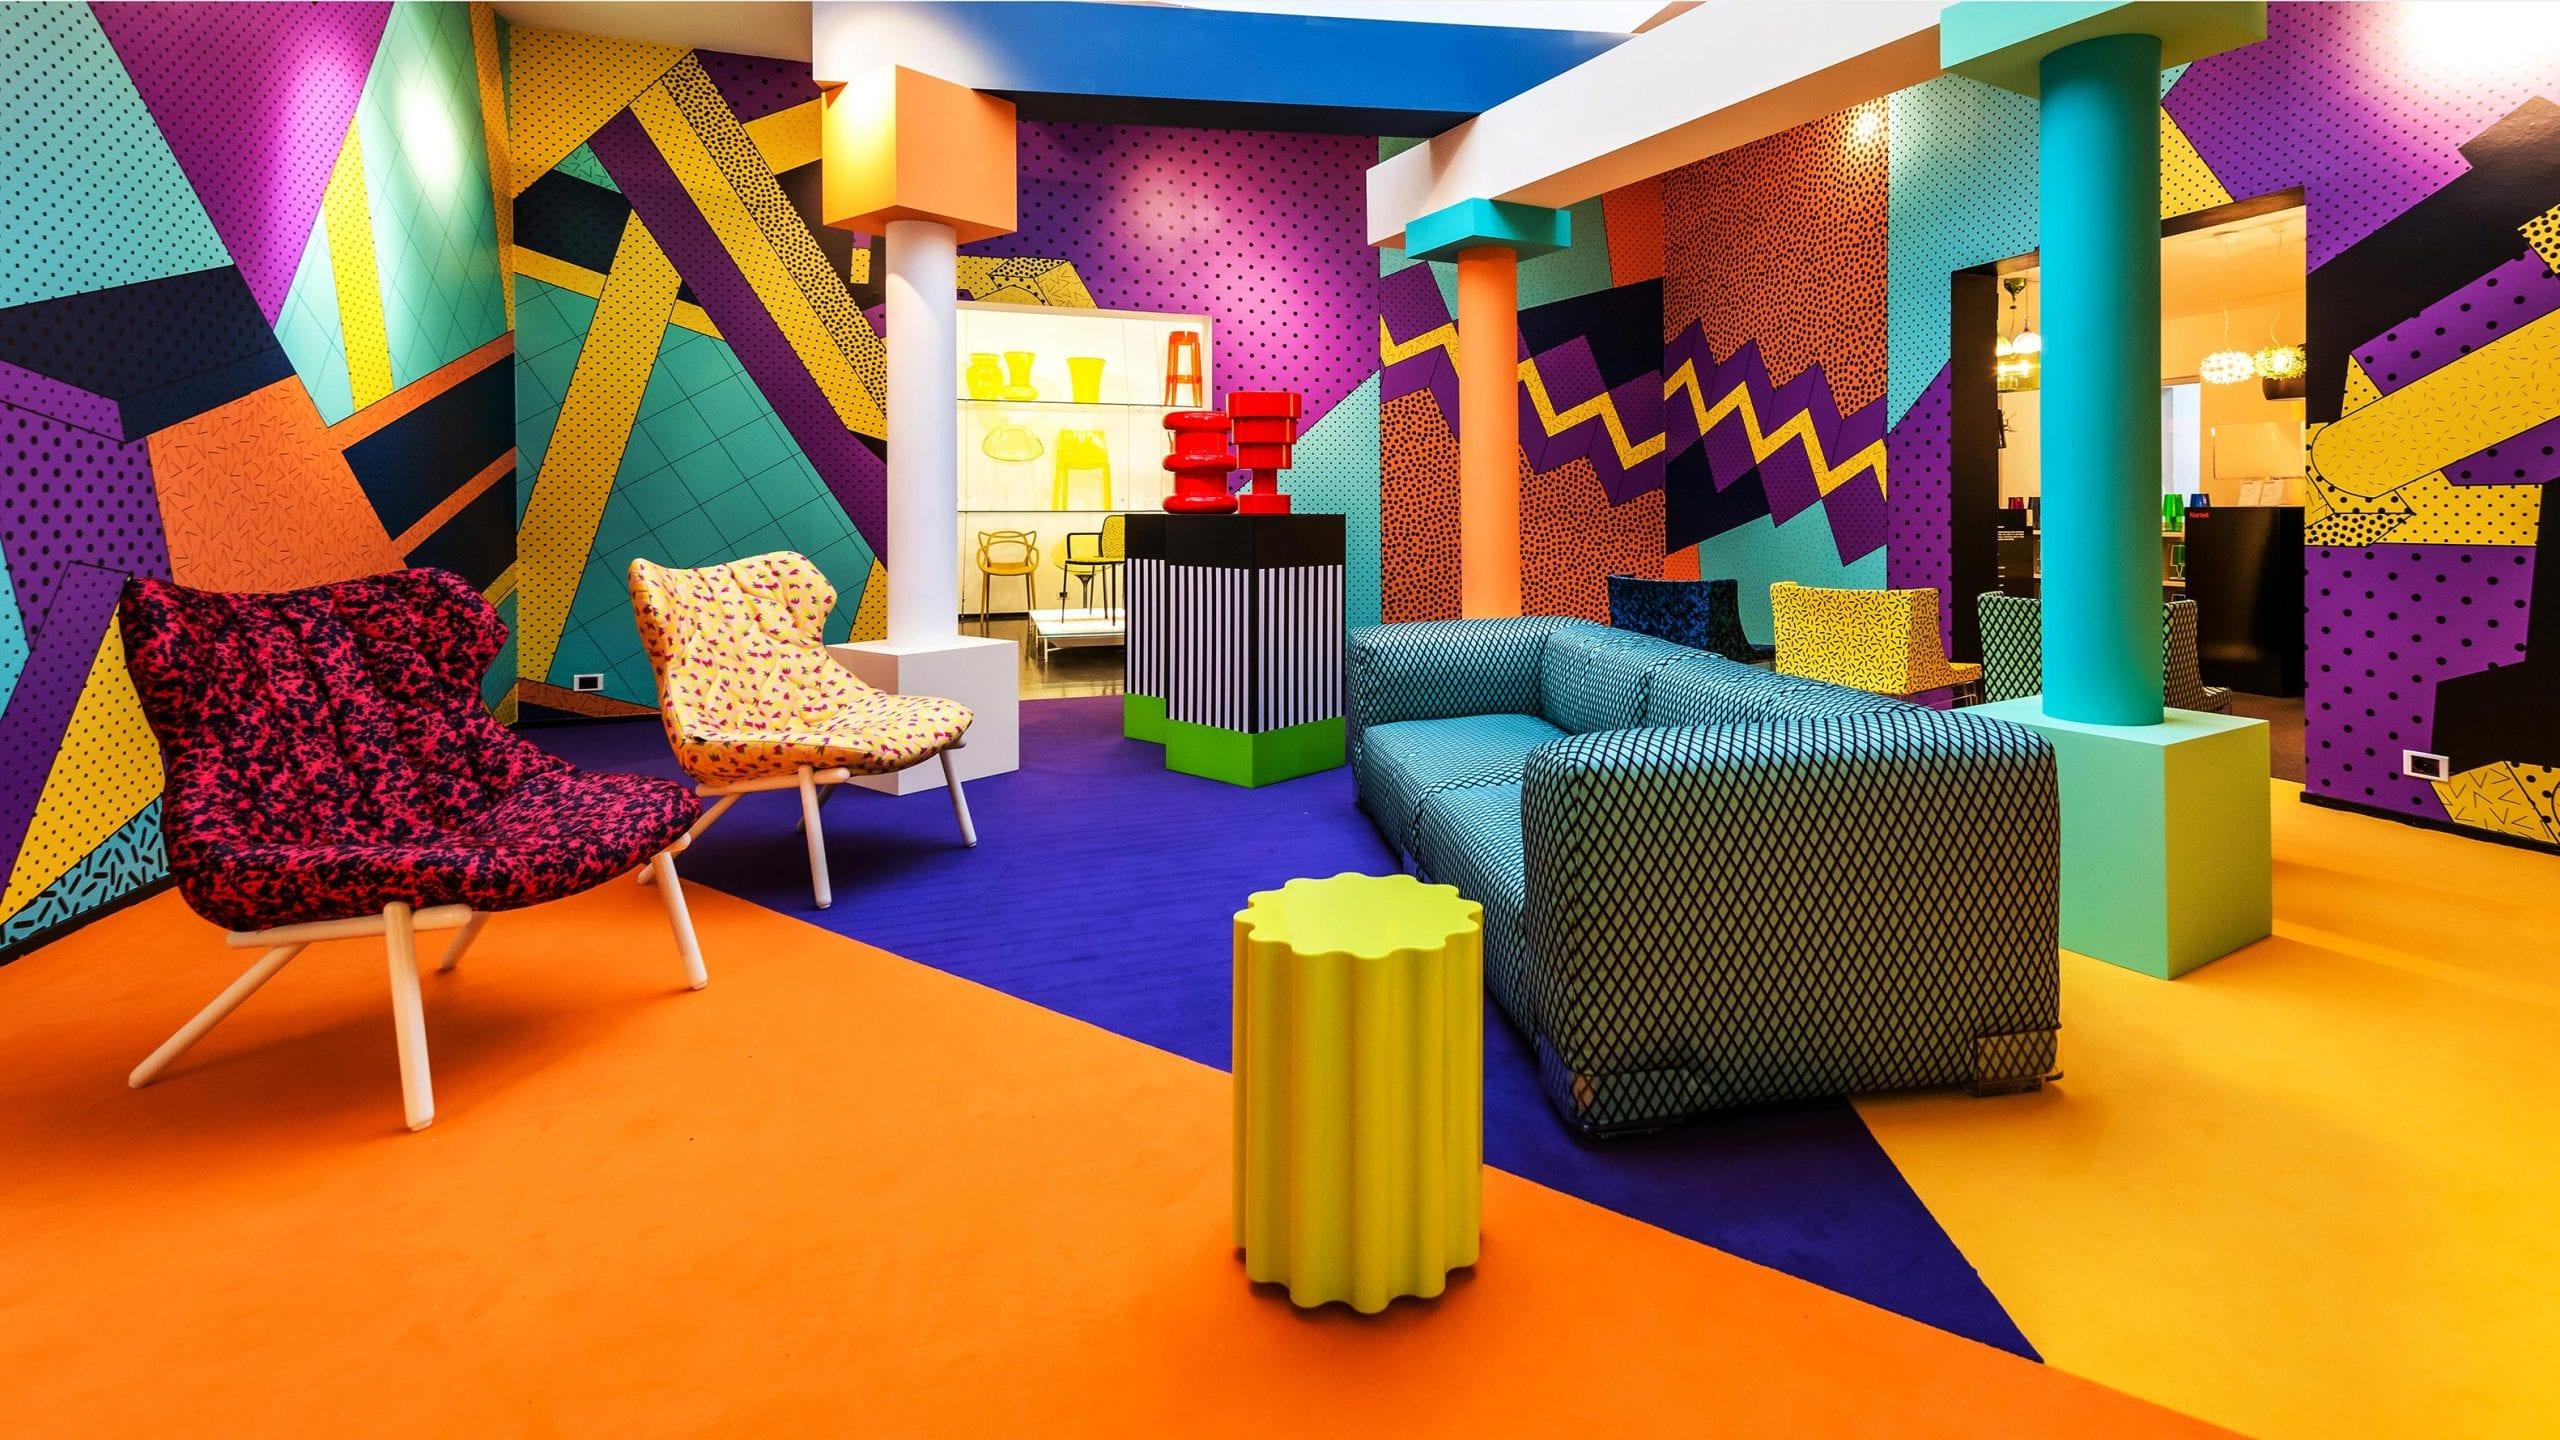 Memphis design - '80s interior design trends